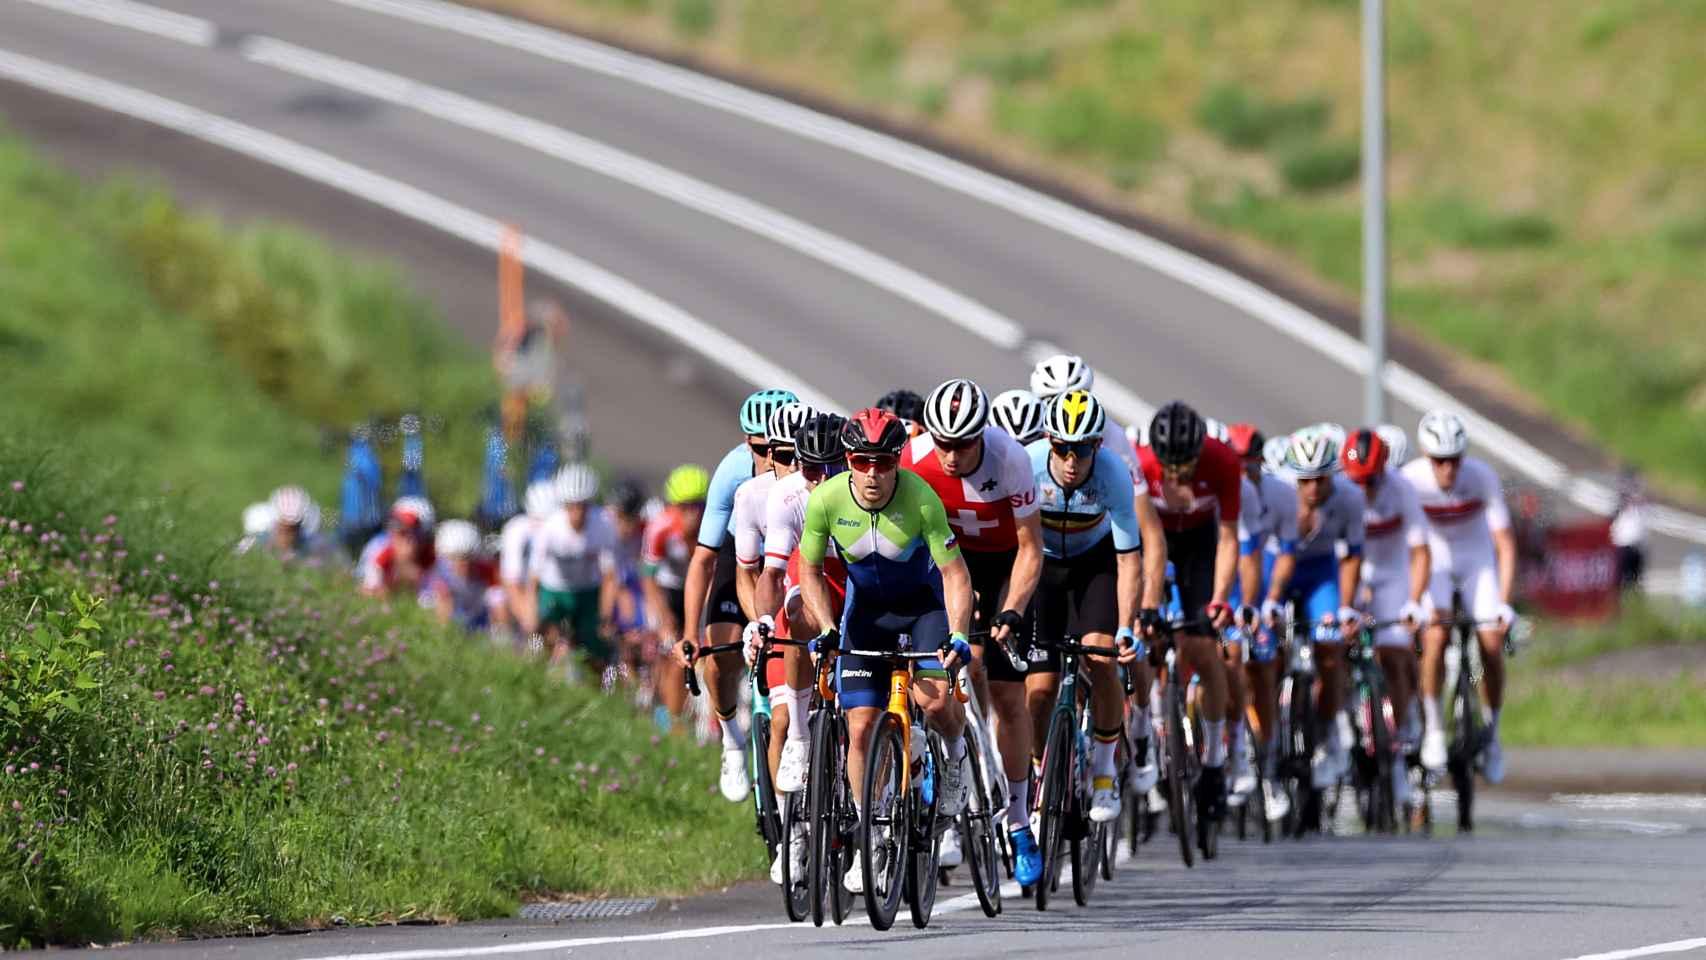 Un momento de la prueba de ruta de ciclismo de los Juegos Olímpicos